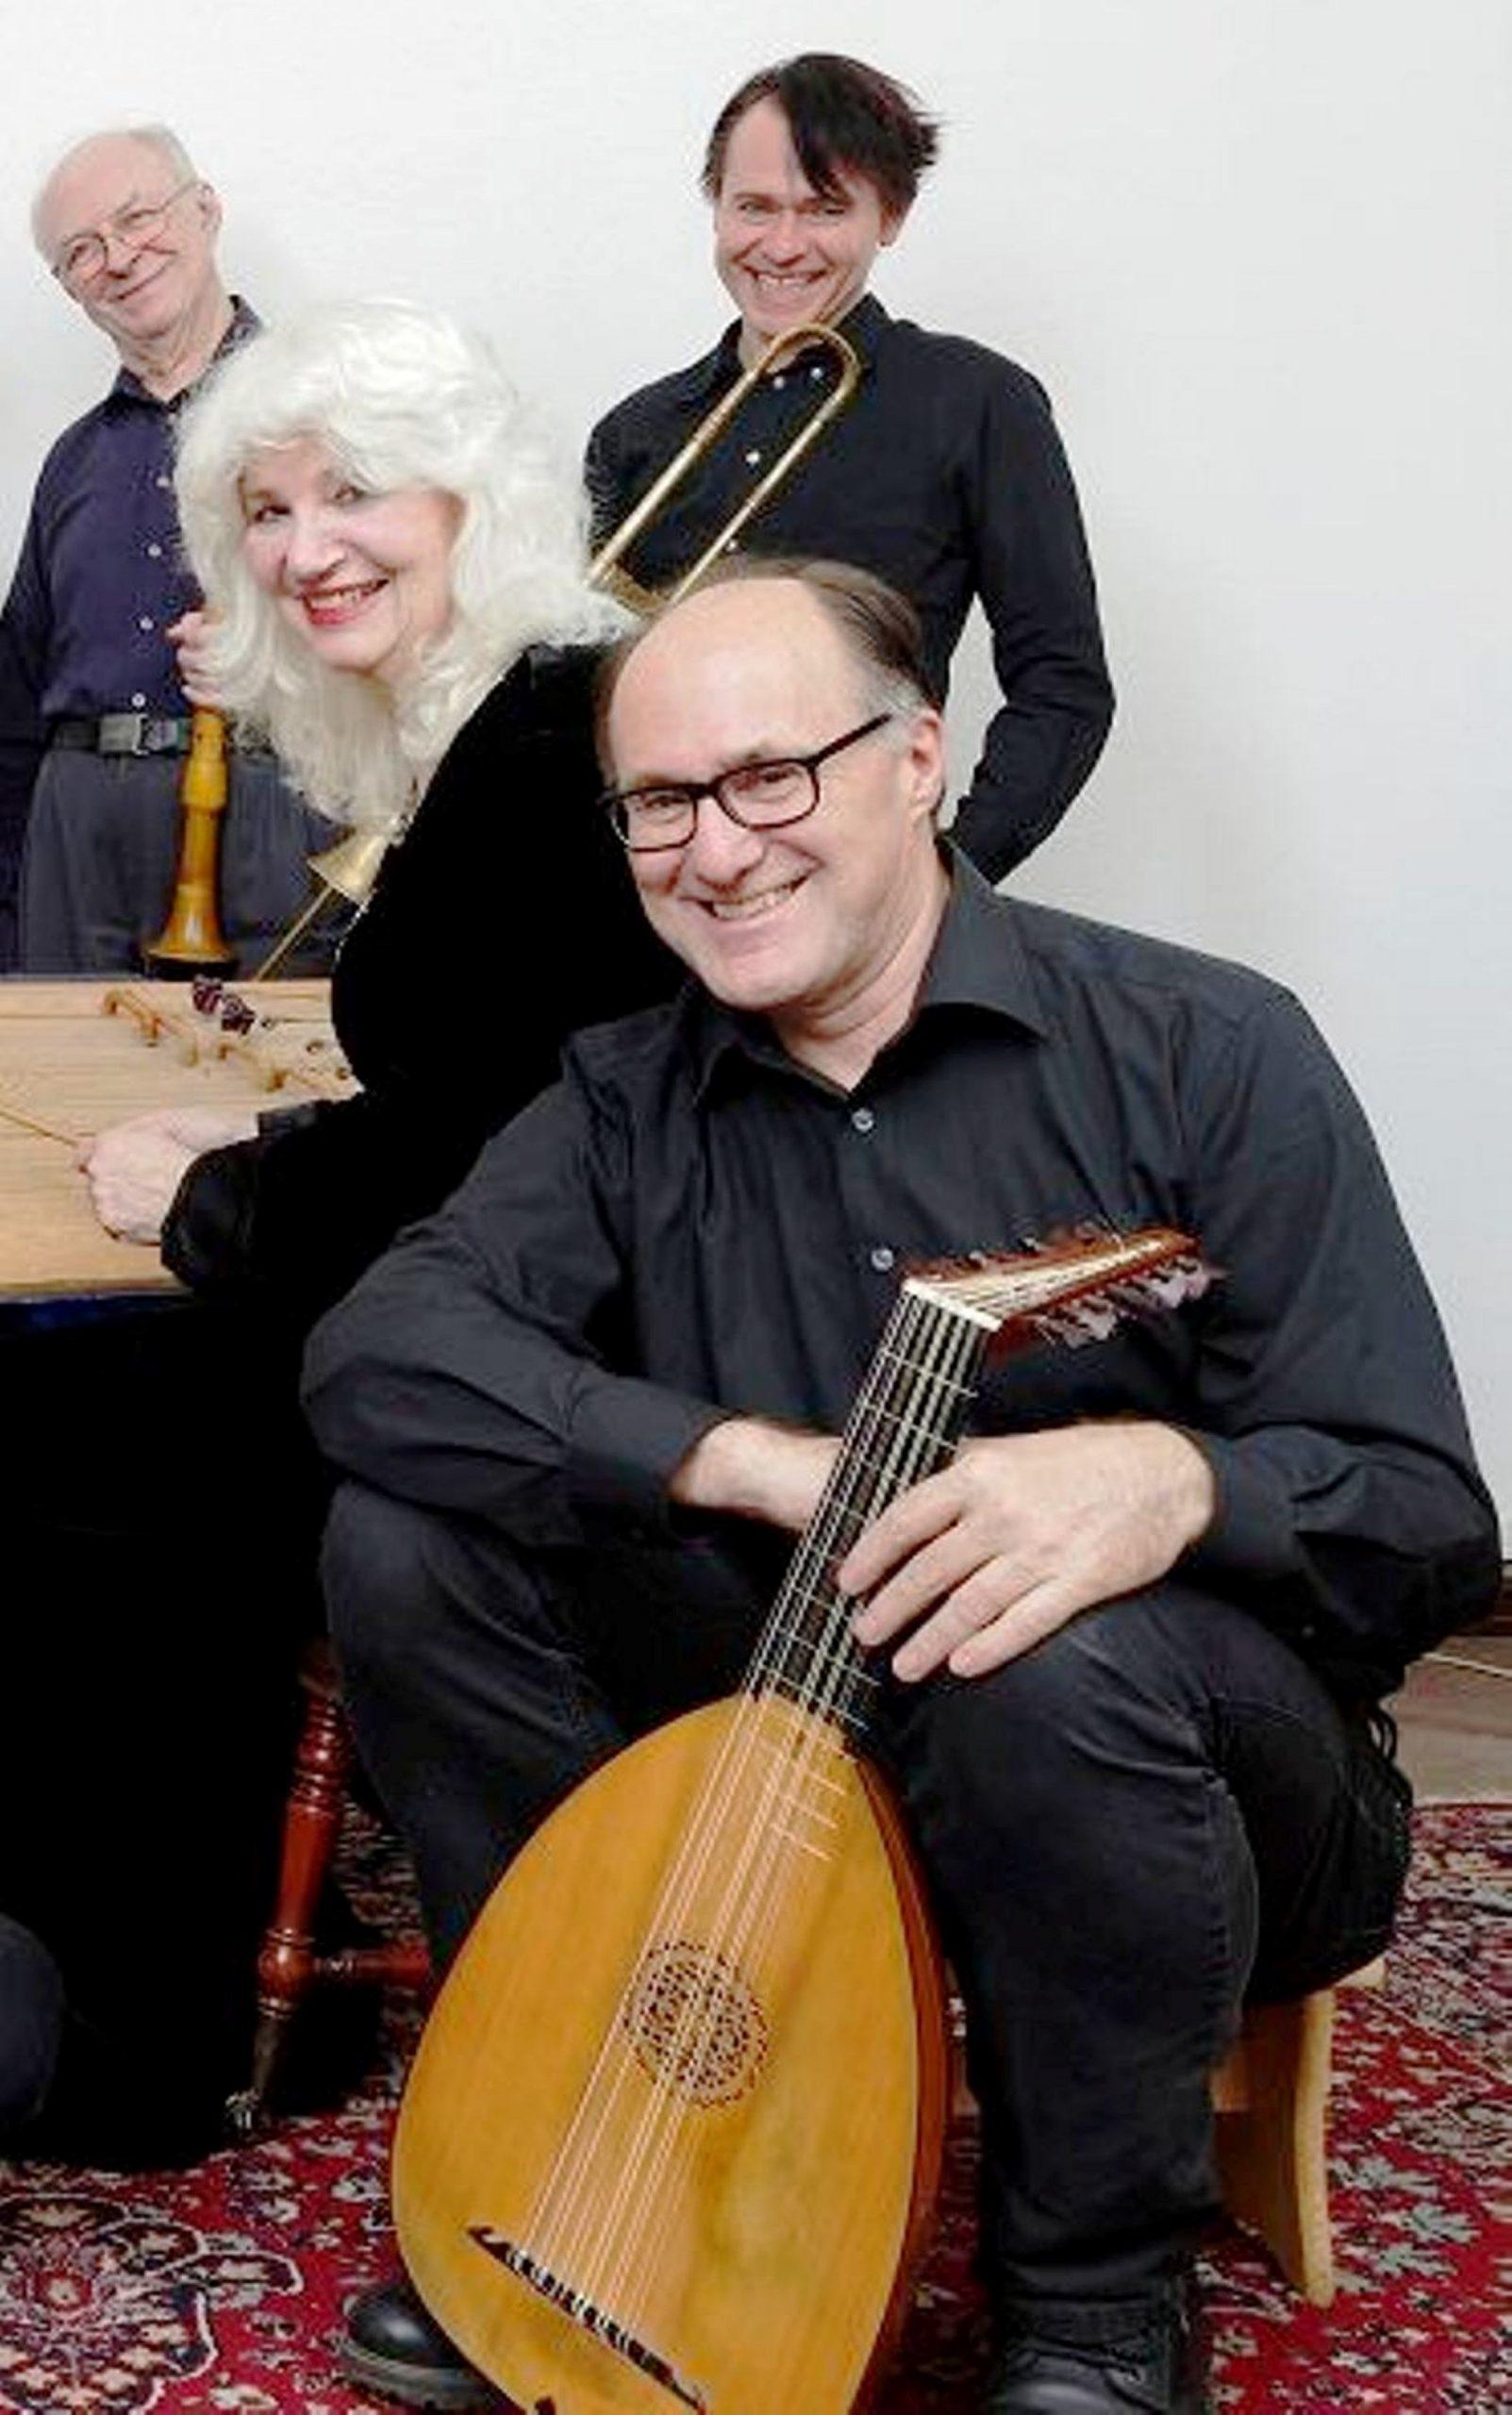 La Spagna – Kultureller Austausch in der Musik